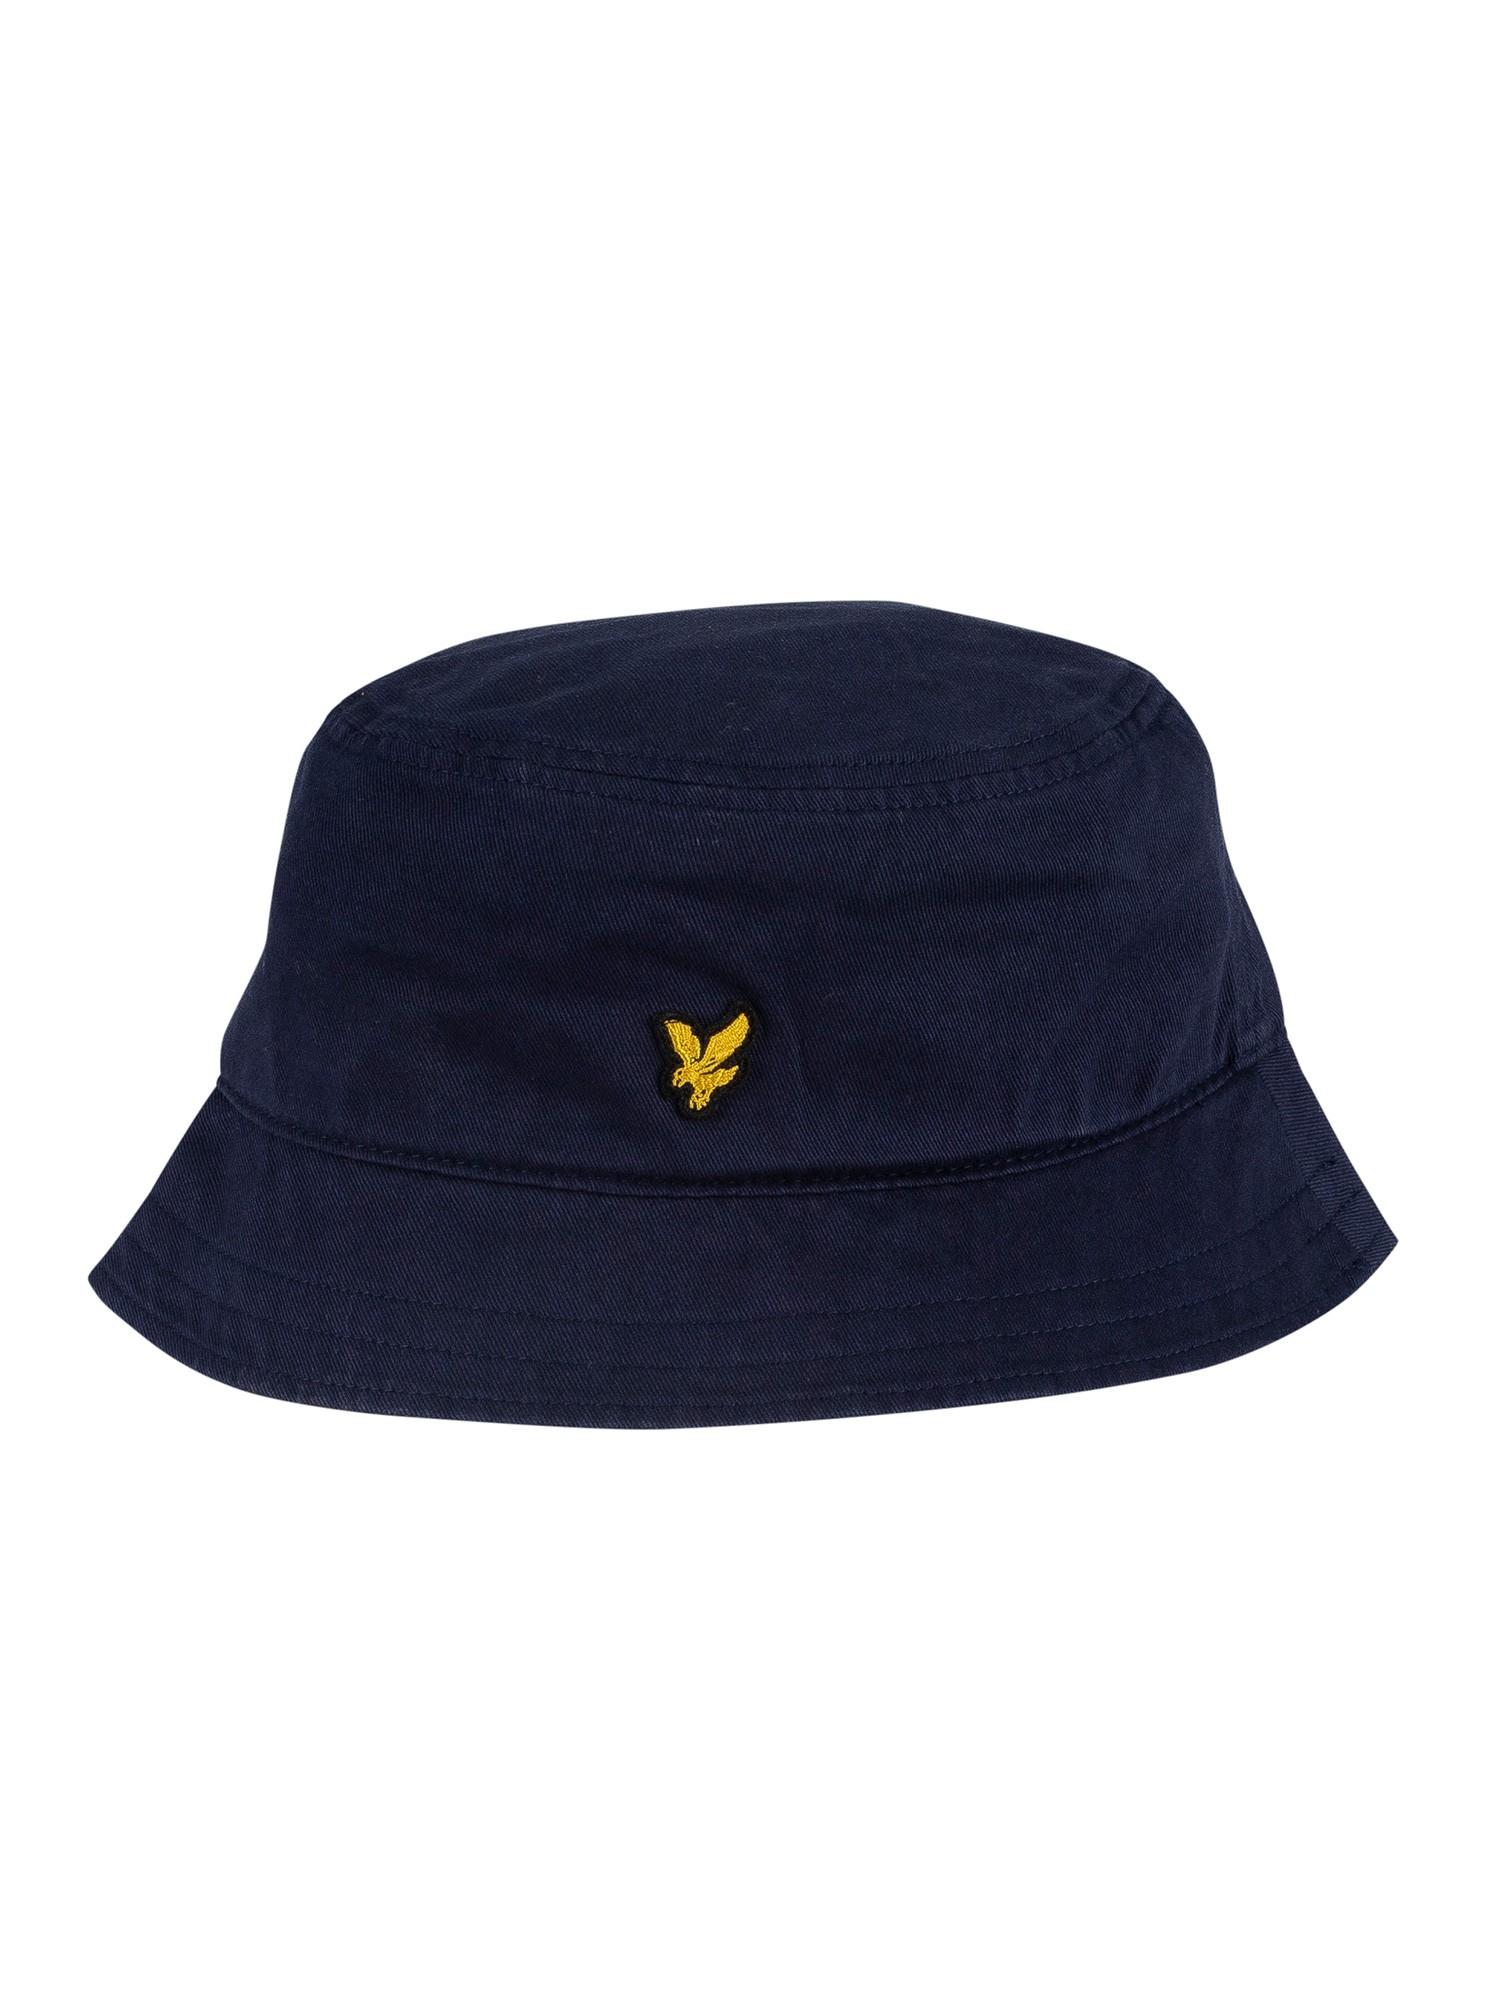 Cotton-Twill-Bucket-Hat